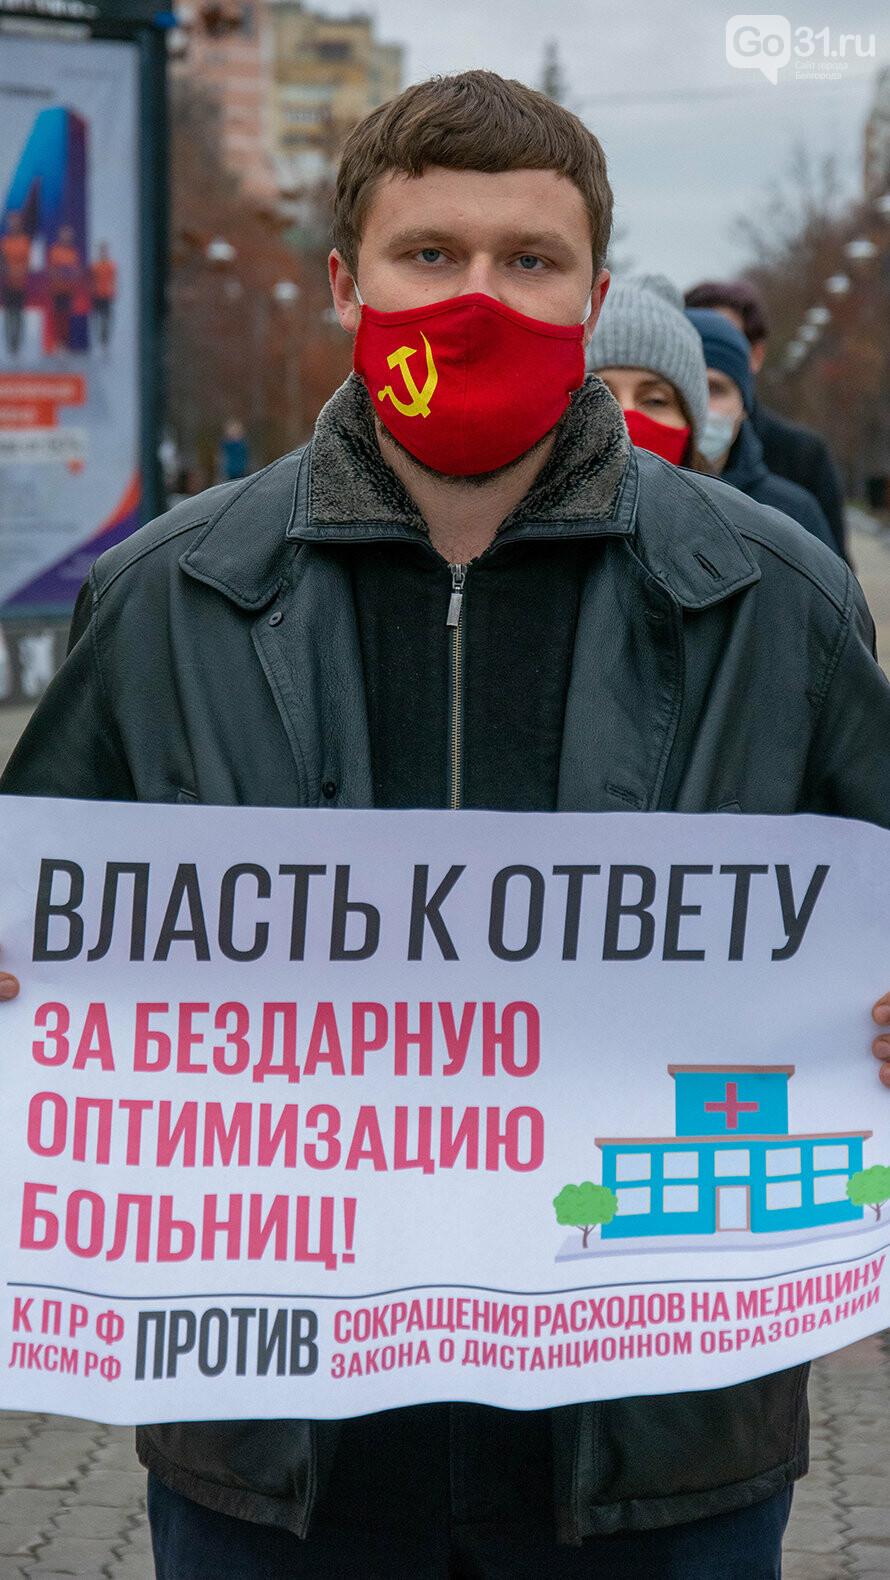 Пикеты против урезания бюджета на социалку в Белгороде, Фото: Александр Лобынцев